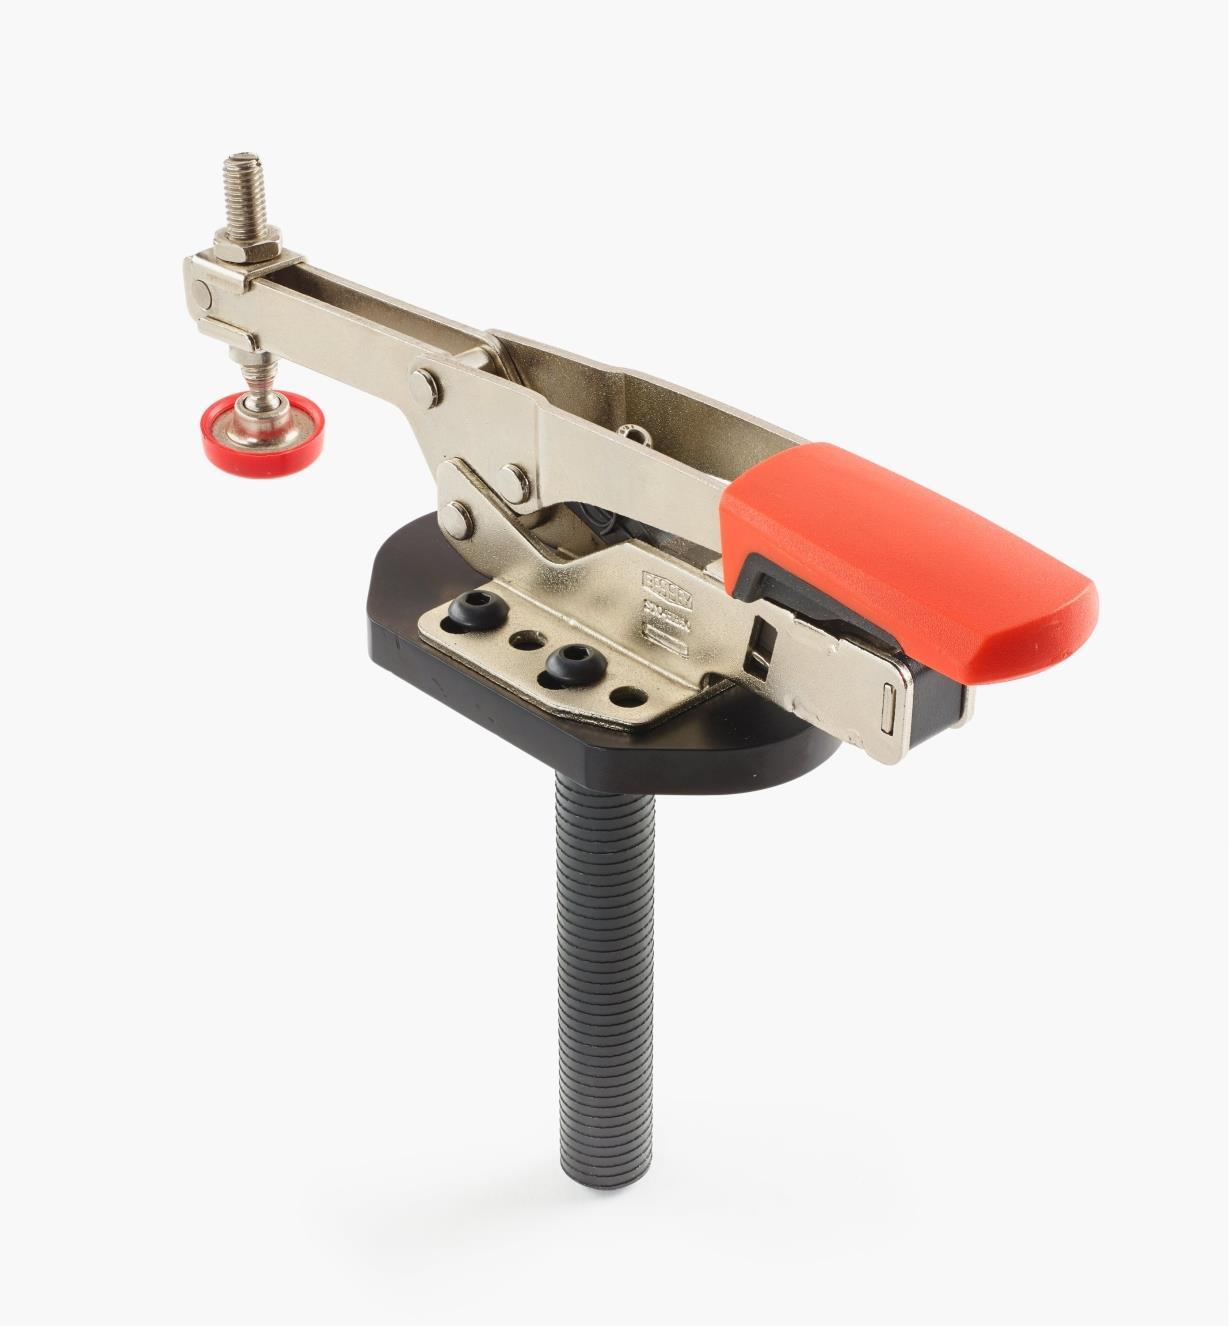 50F0111 - Sauterelle horizontale, modèle bas, avec plaque de fixation, tige de 3/4po